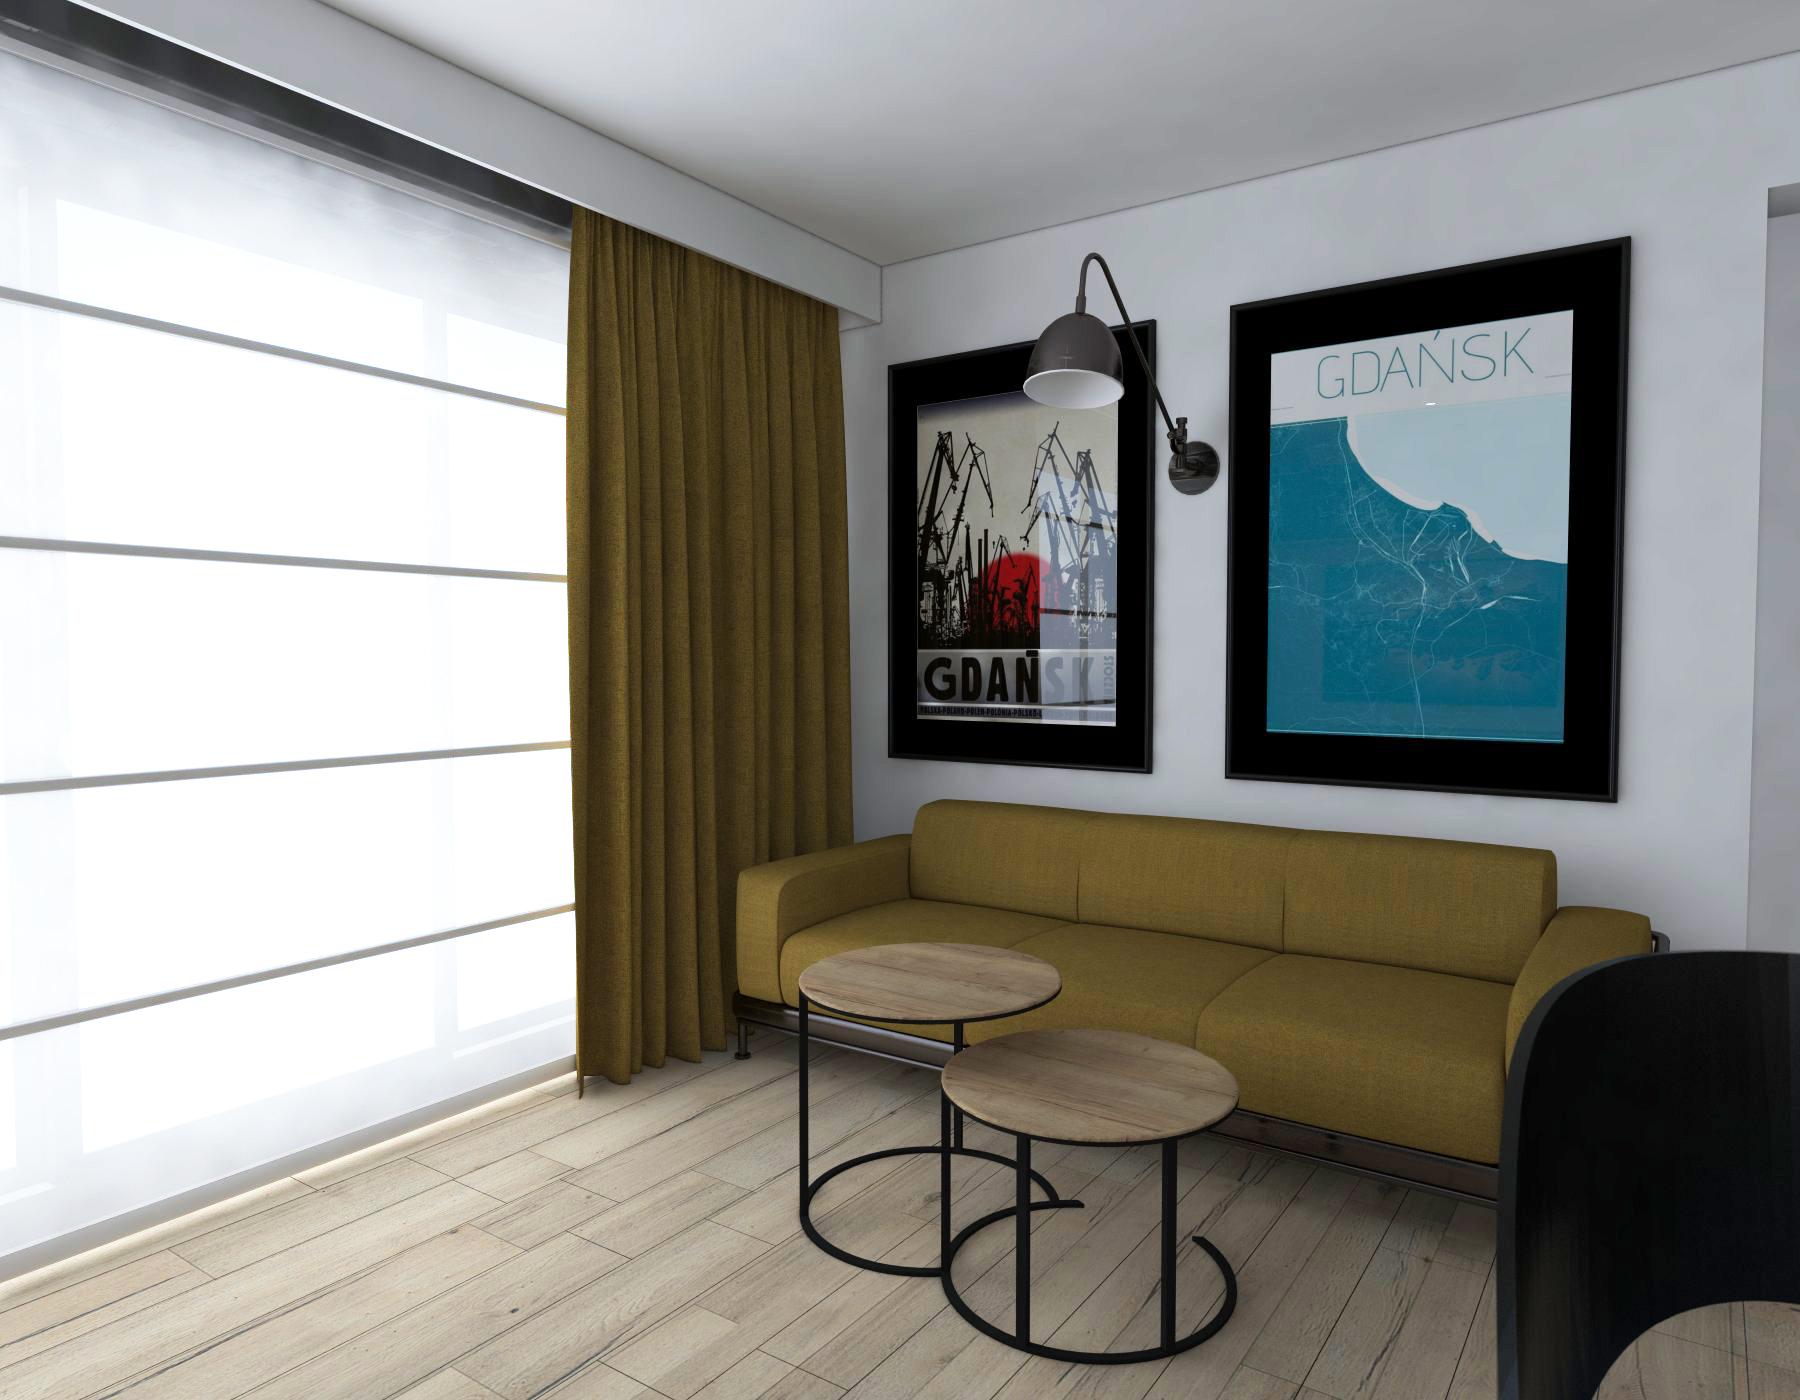 musztardowa sofa w salonie